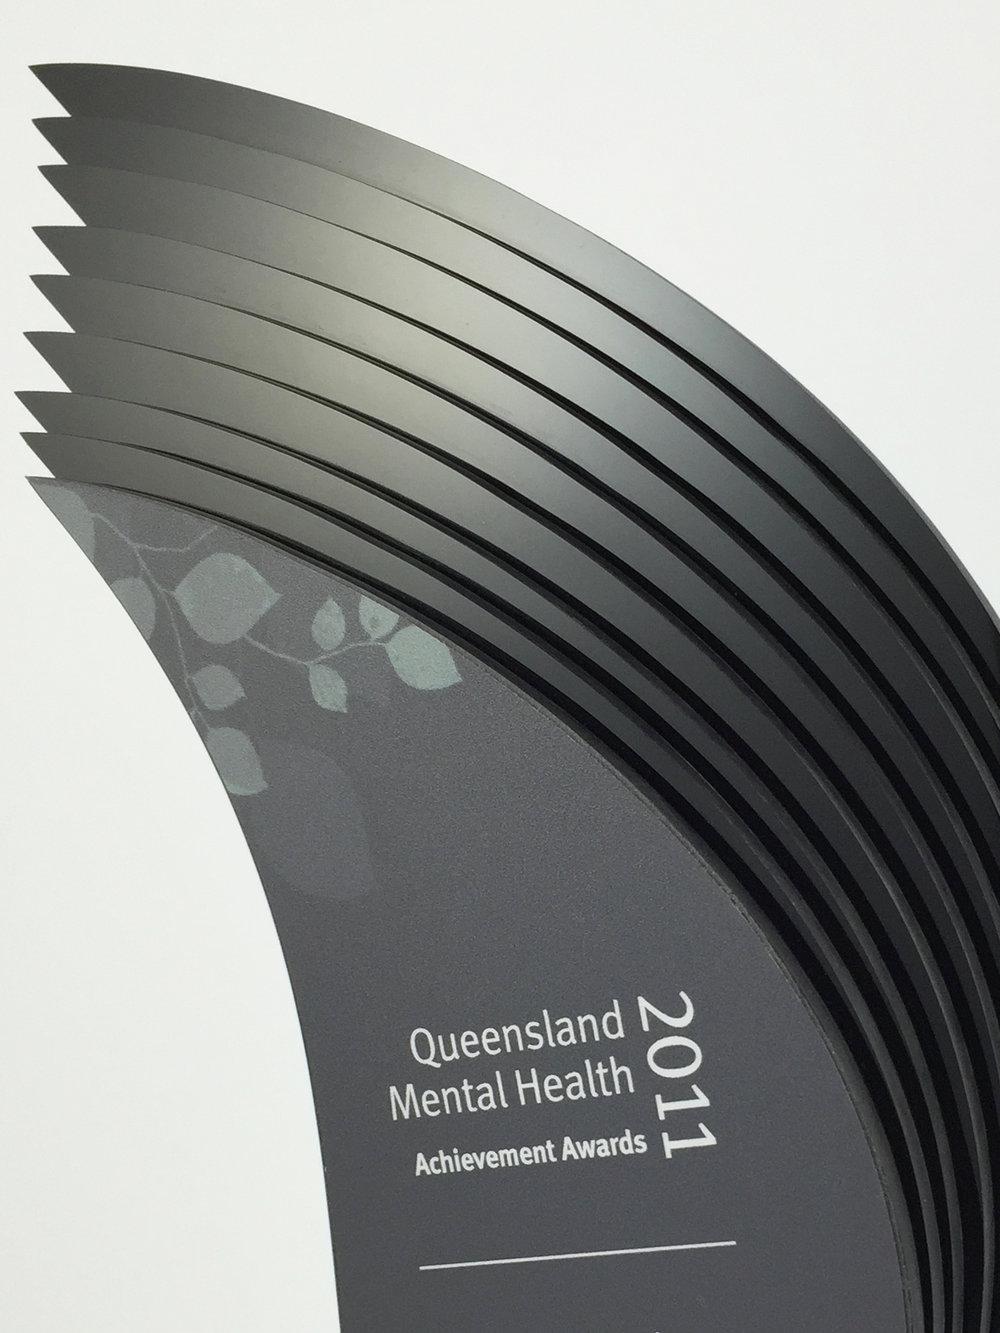 qld-mental-health-acrylic-trophy-awards-02.jpg